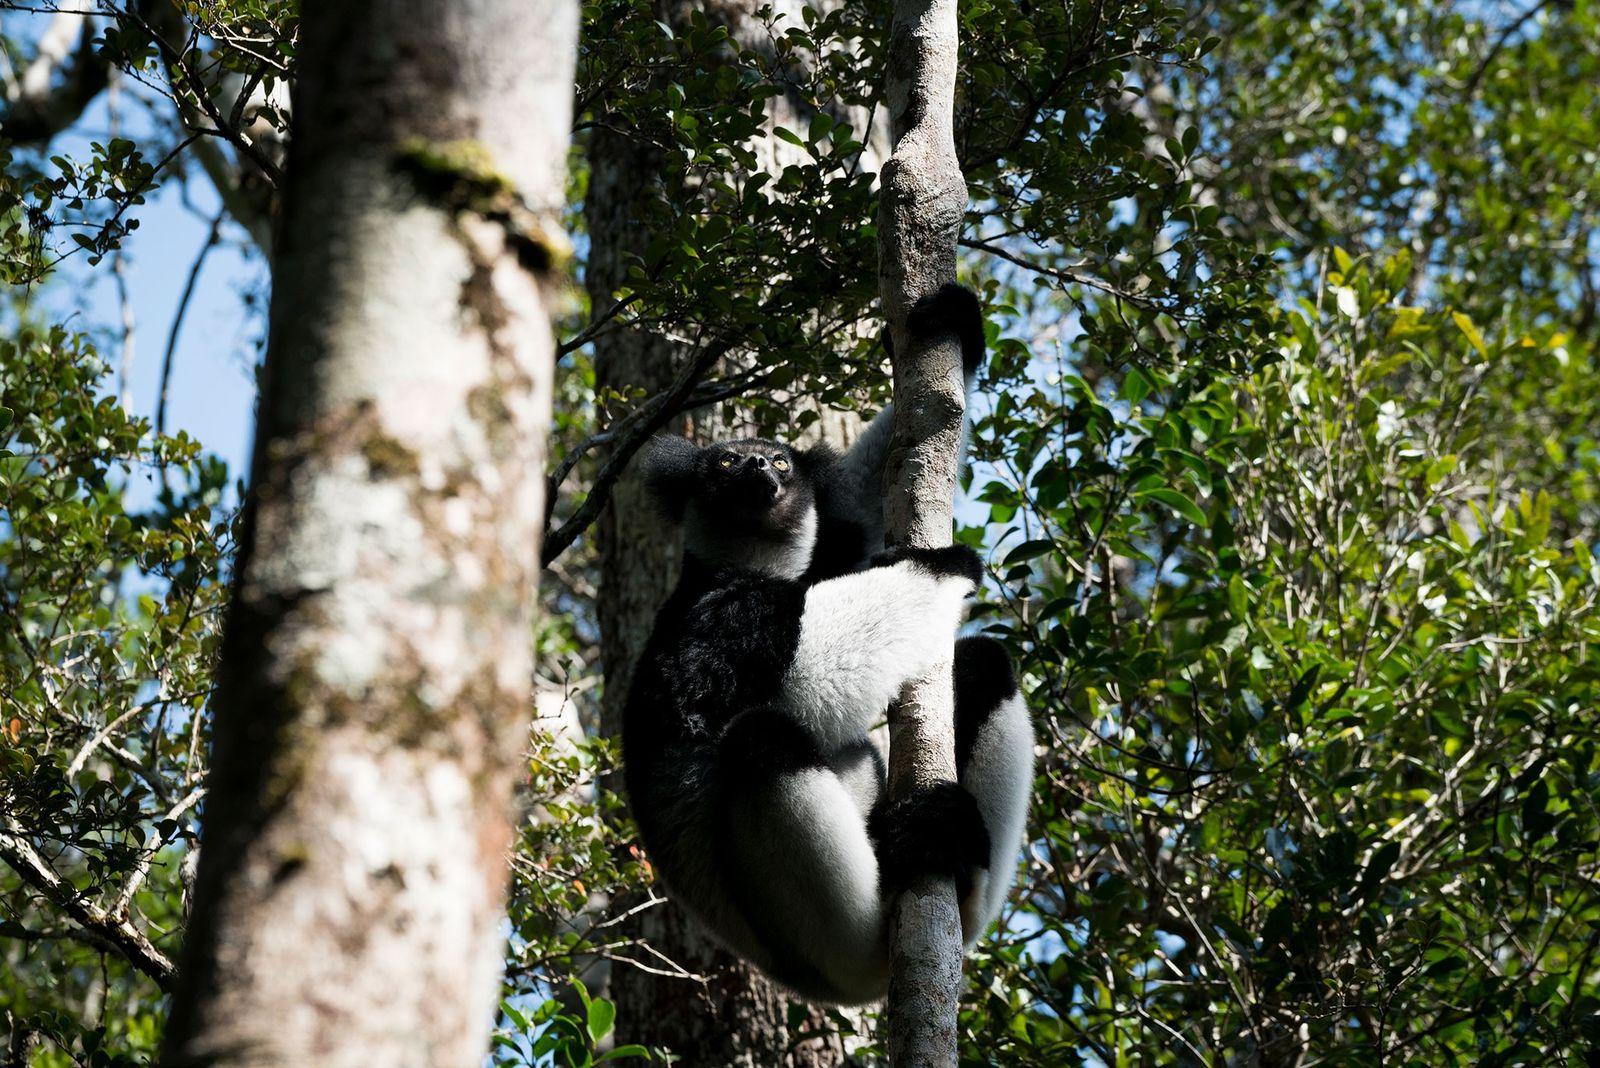 Un indri, le plus grand des lémuriens qui subsistent encore, s'agrippe à un arbre dans le ...